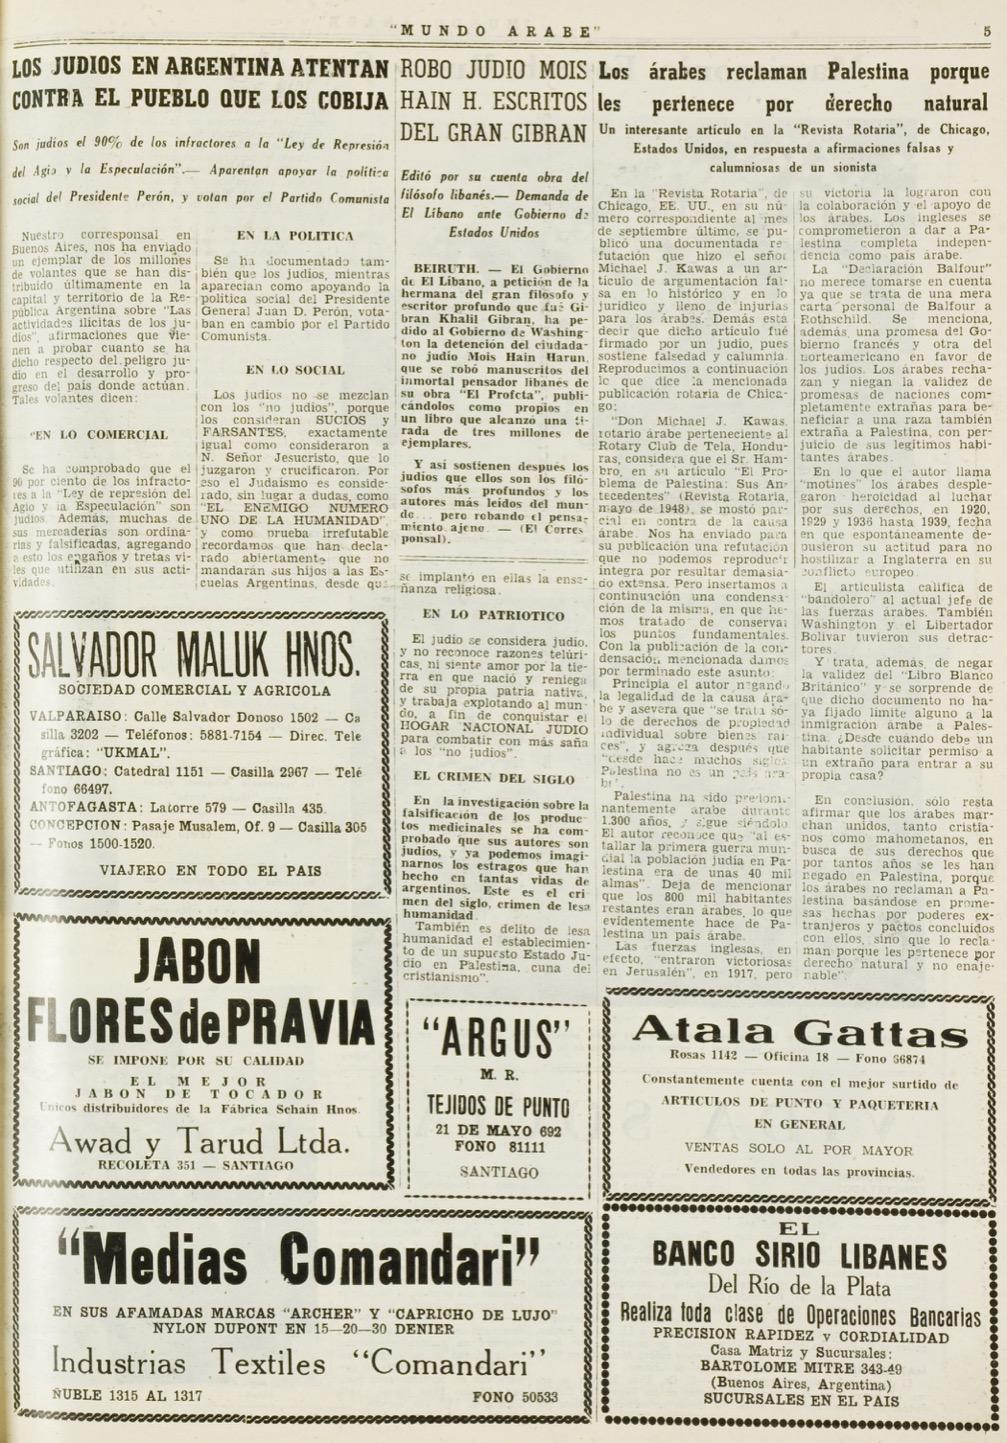 """""""Robo judio Mois Hain Harun escritos del gran Gibrán Khalil Gibrán"""", Mundo Árabe, Feb 25, 1949, p. 5."""